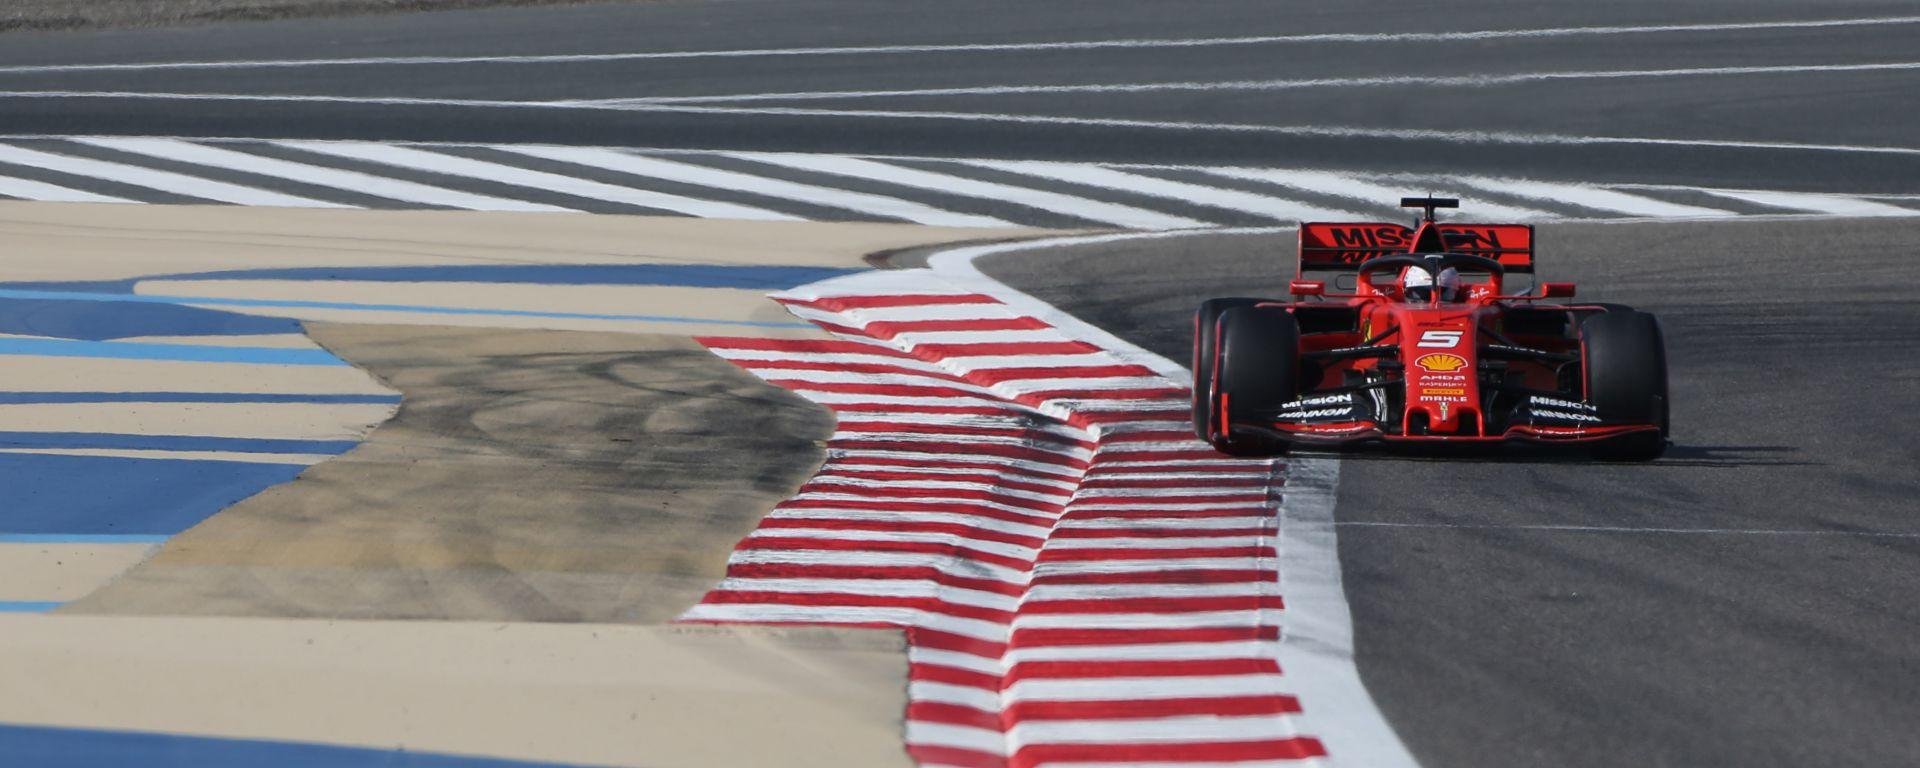 Sebastian Vettel è il più veloce nelle PL2 del Gp Bahrain 2019